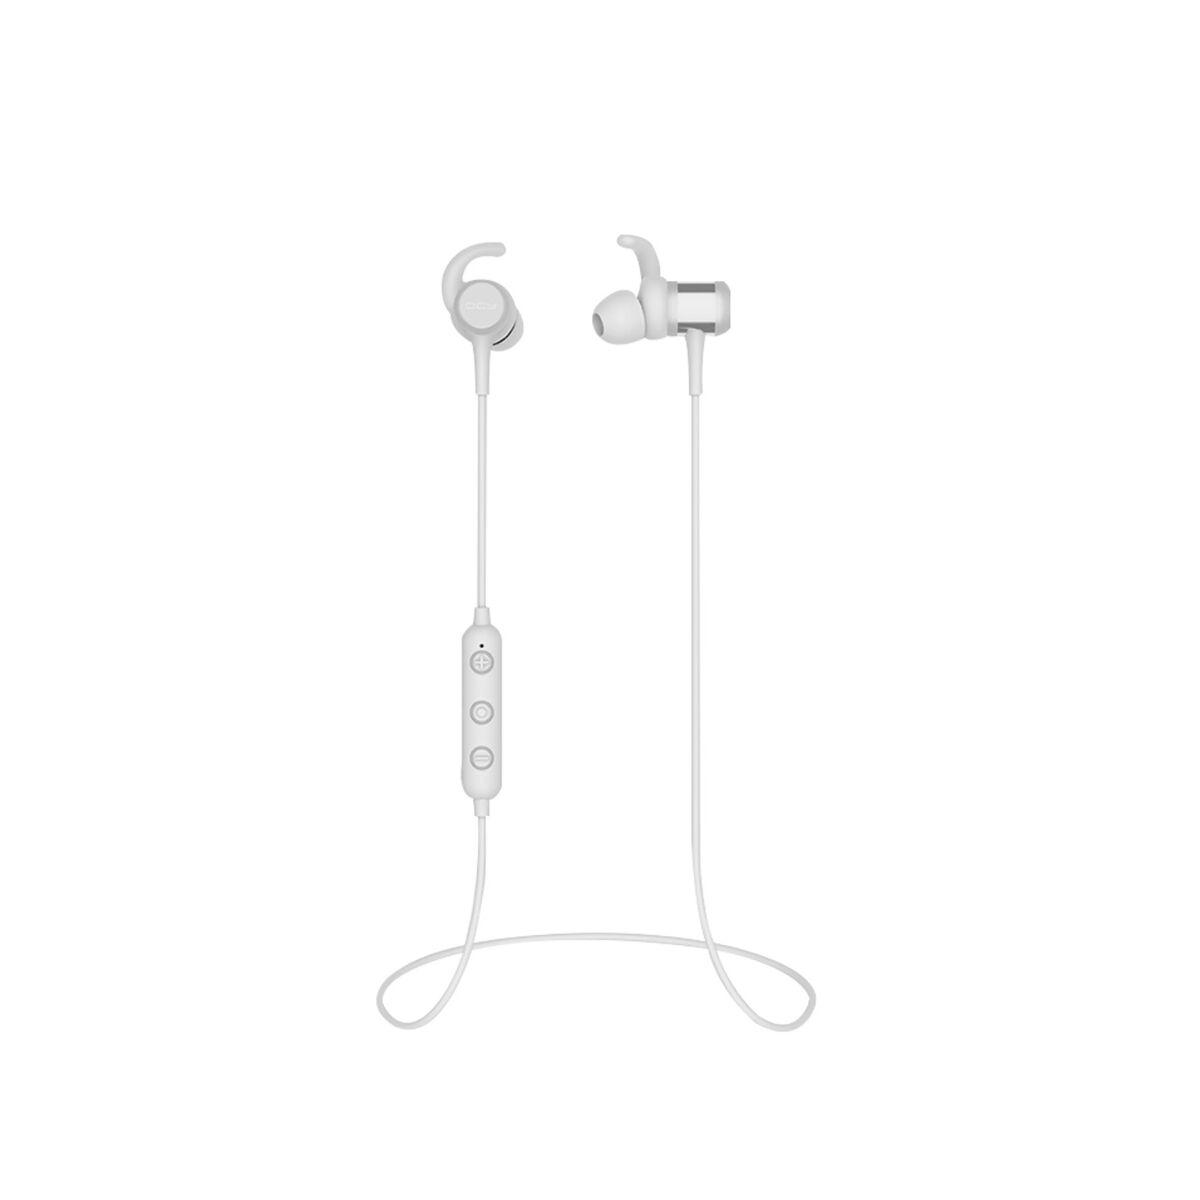 QCY-M1C Bluetooth 5.0 fülhallgató, töltőtokkal, fehér